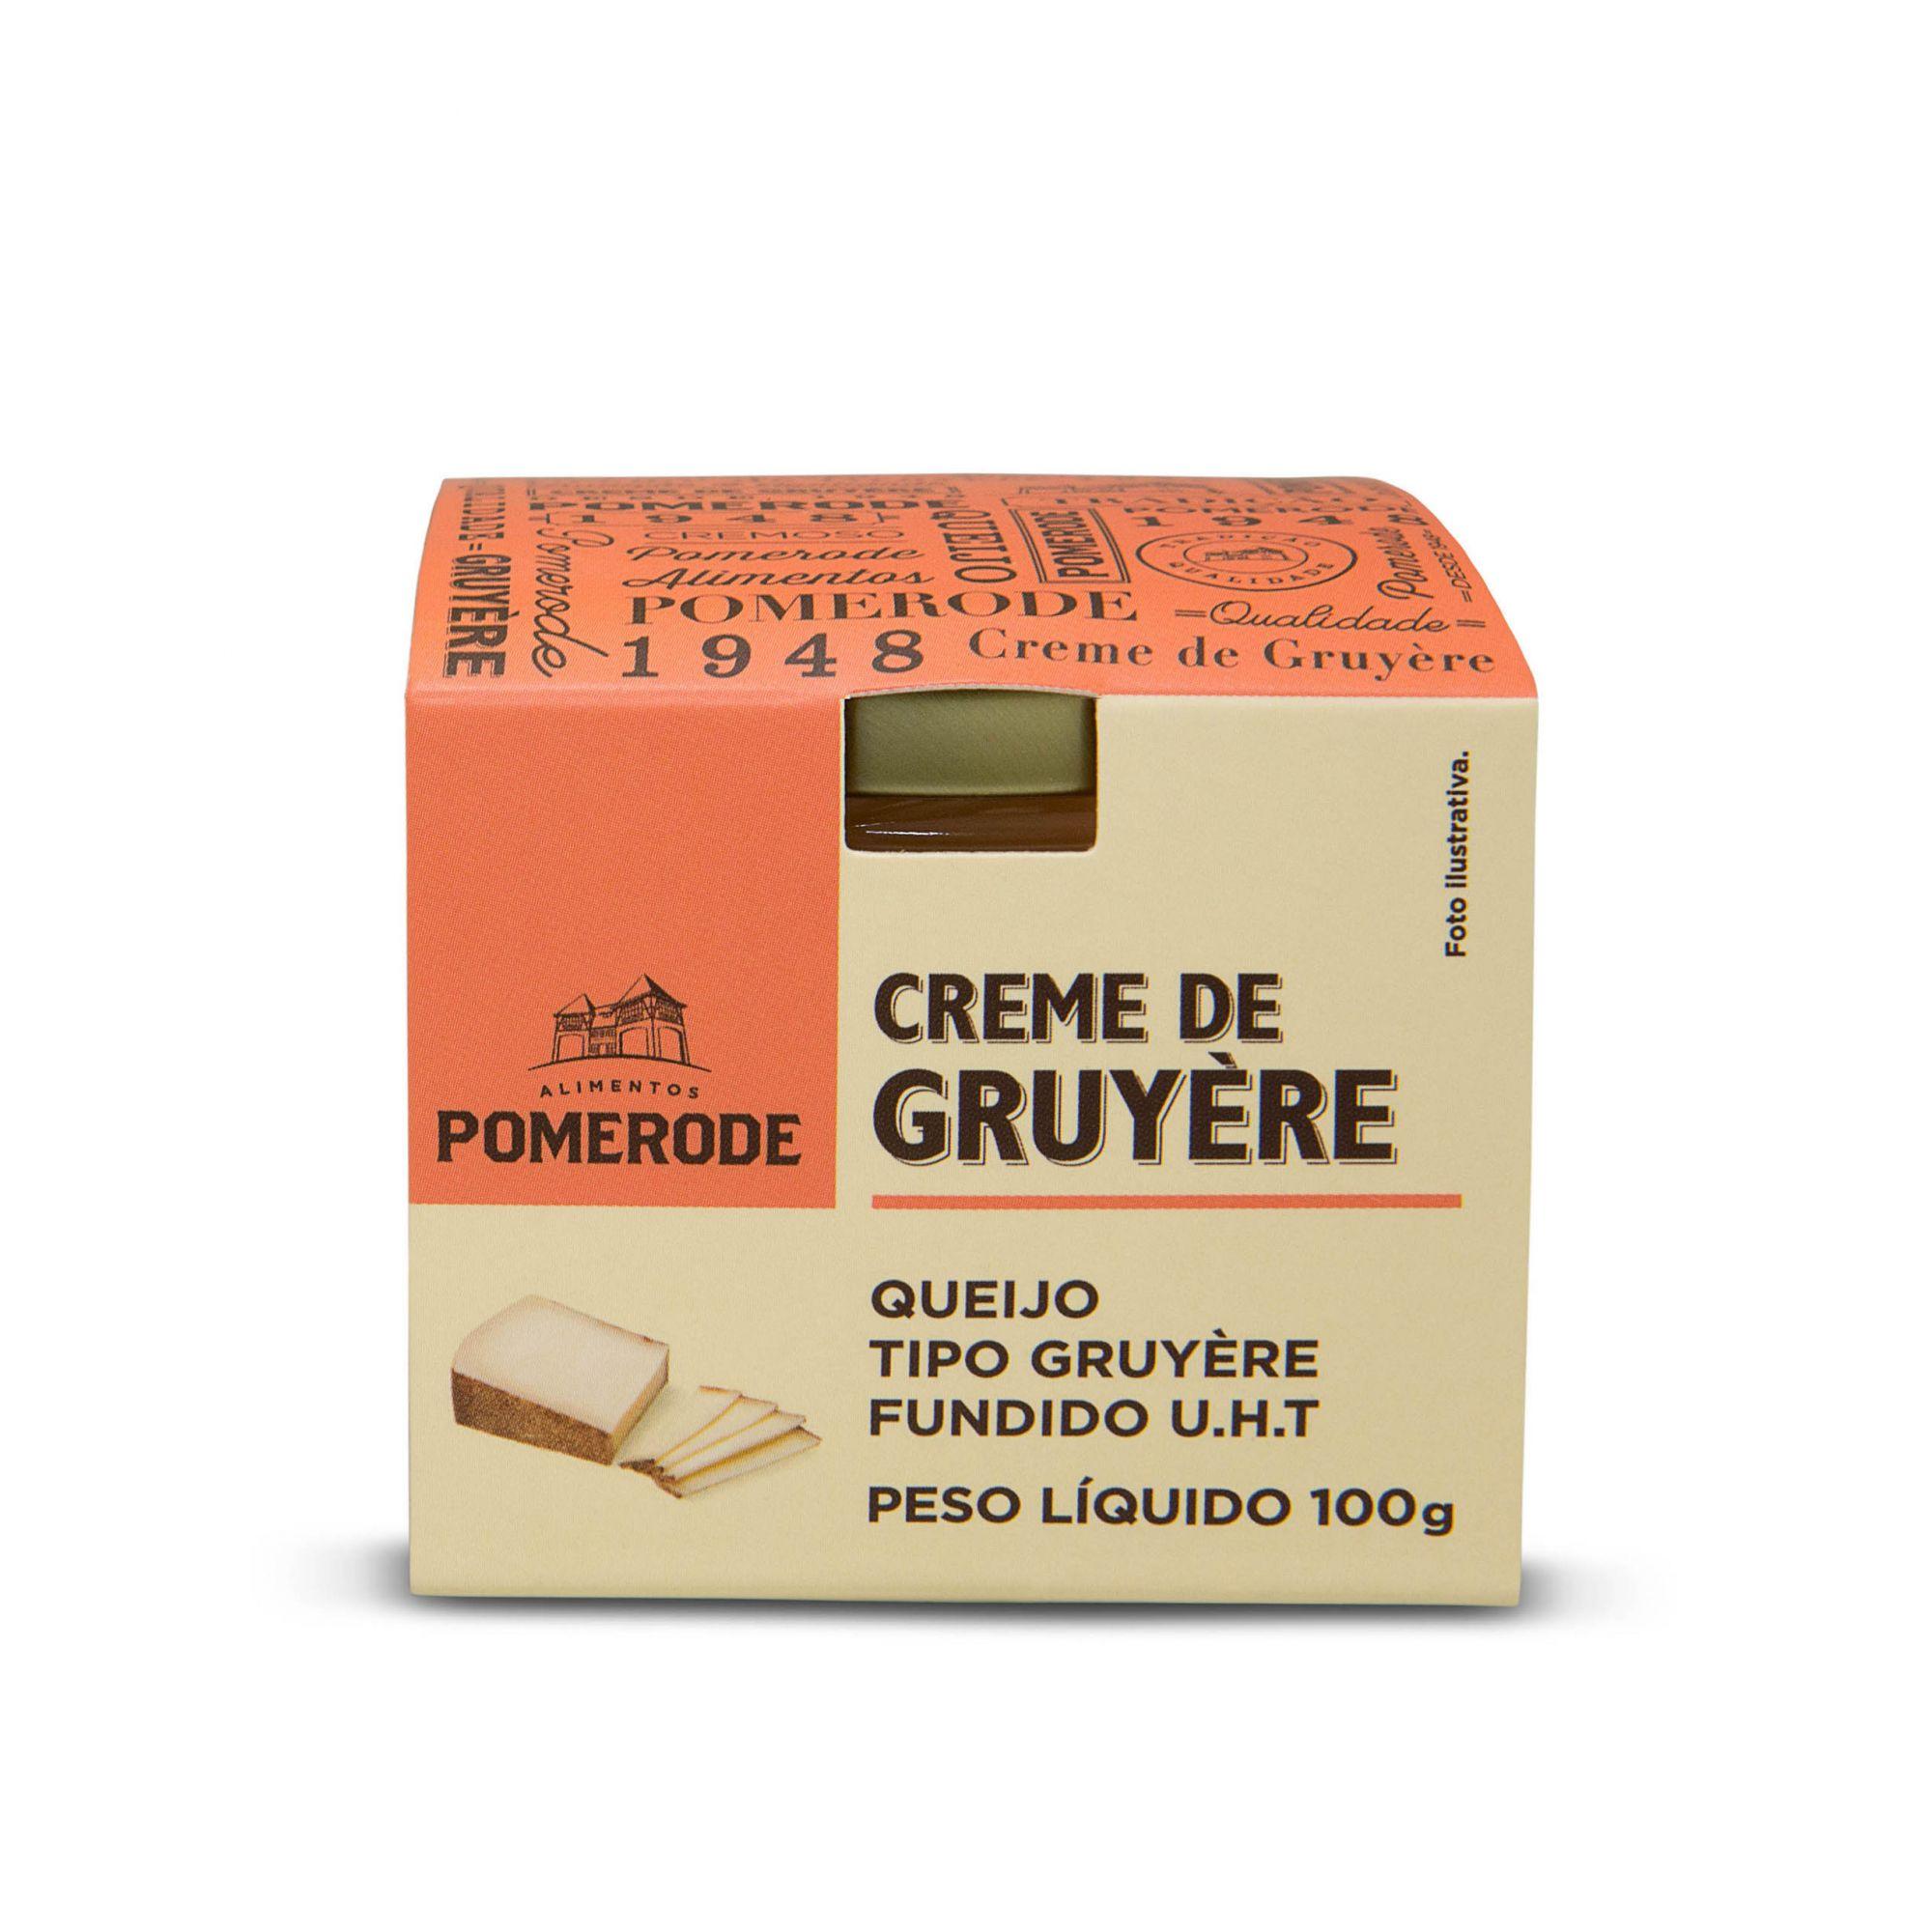 Creme de Gruyère 100g